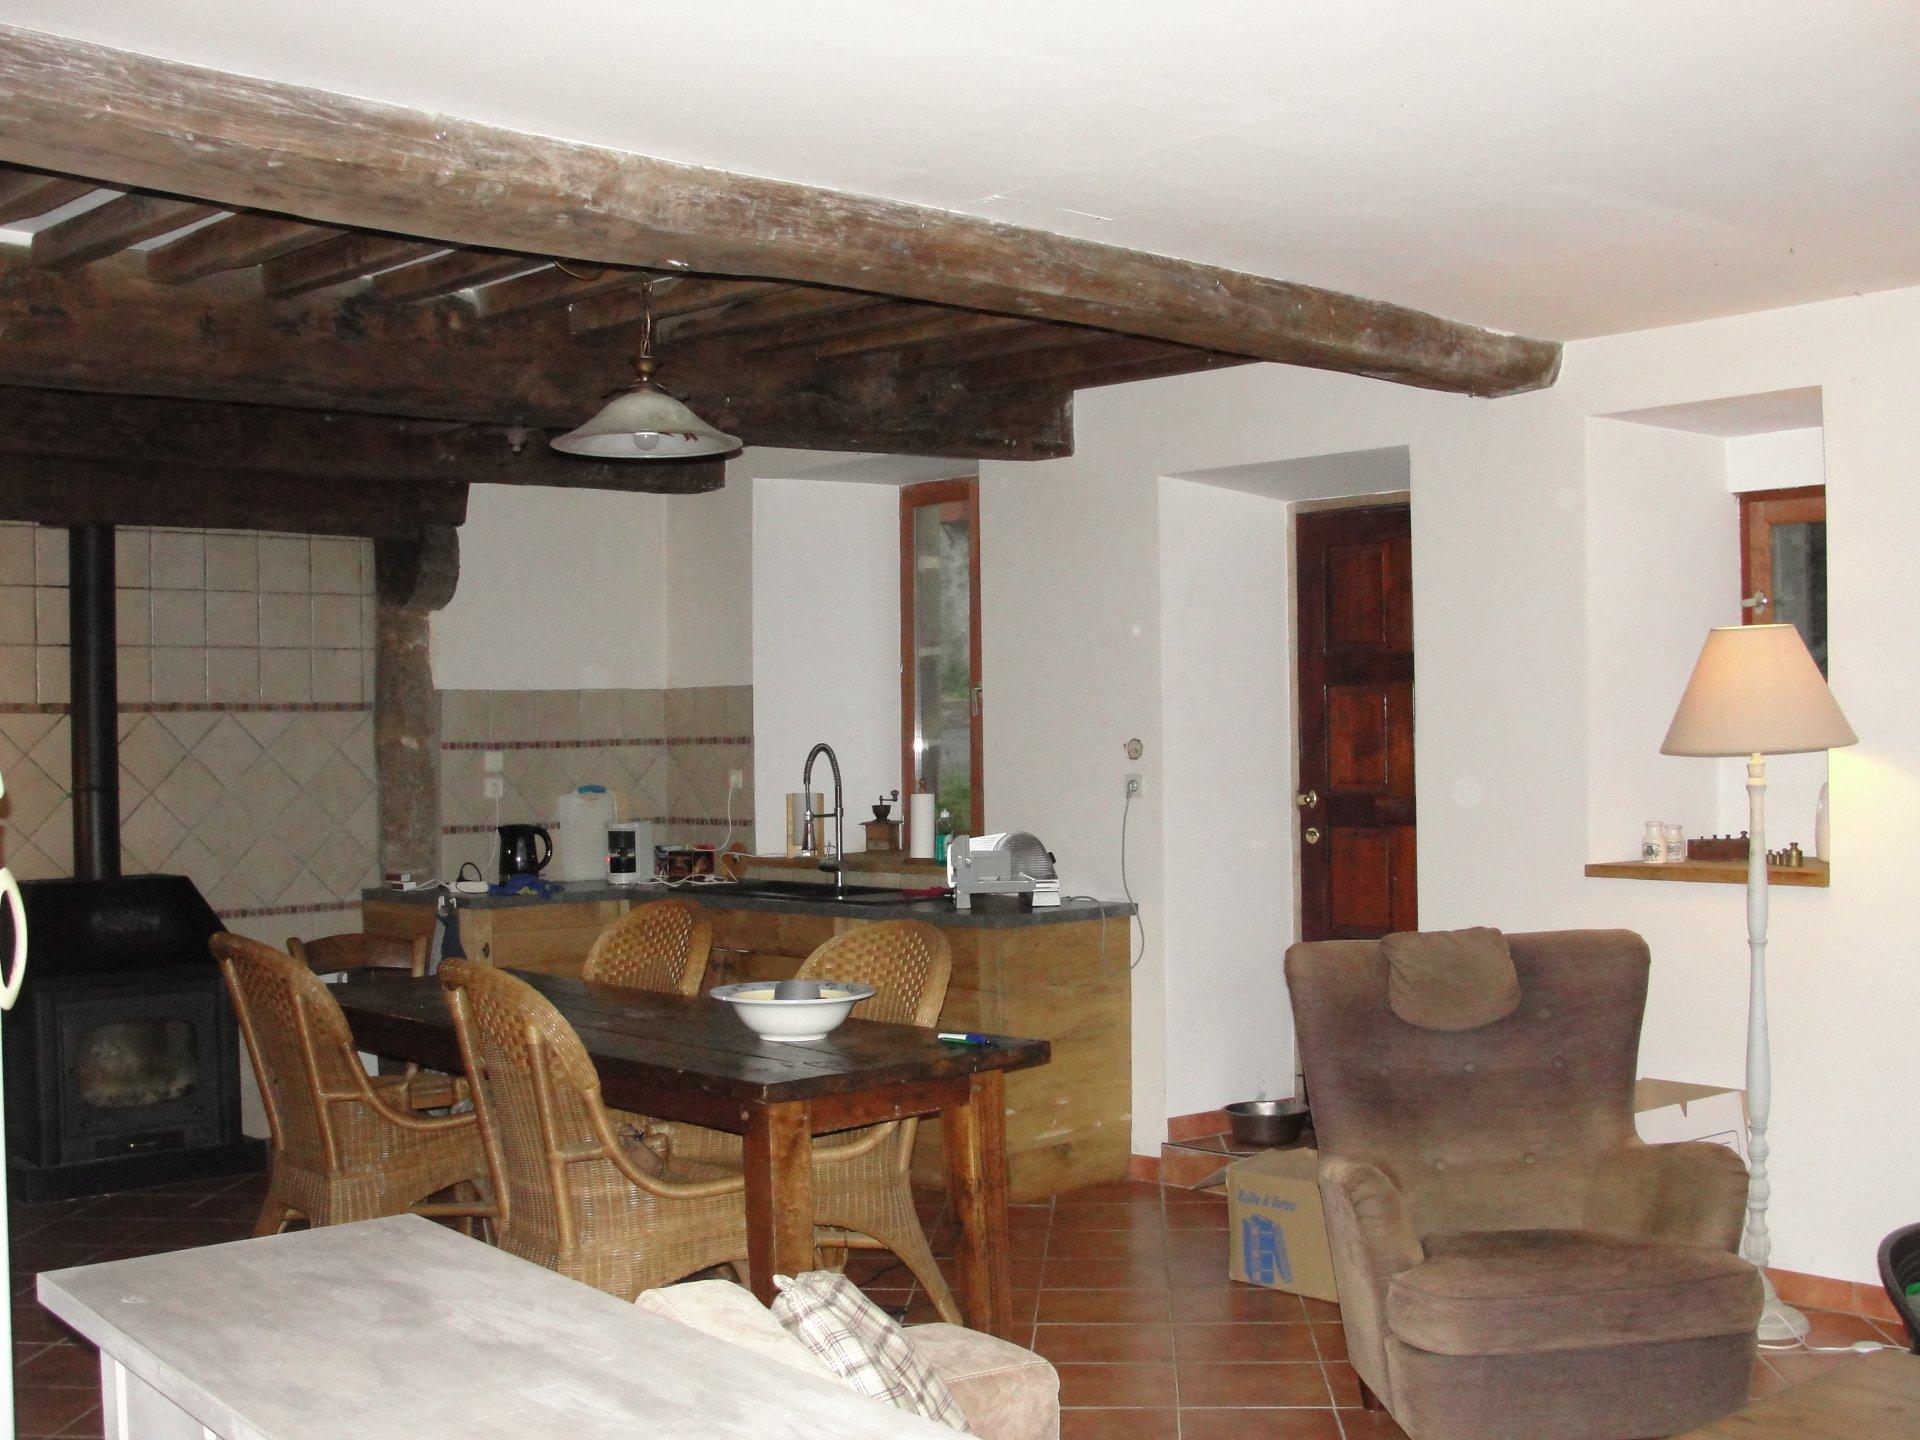 Zu verkaufen Im Auvergne, renoviertes Dorfhaus mit Keller und Garten.